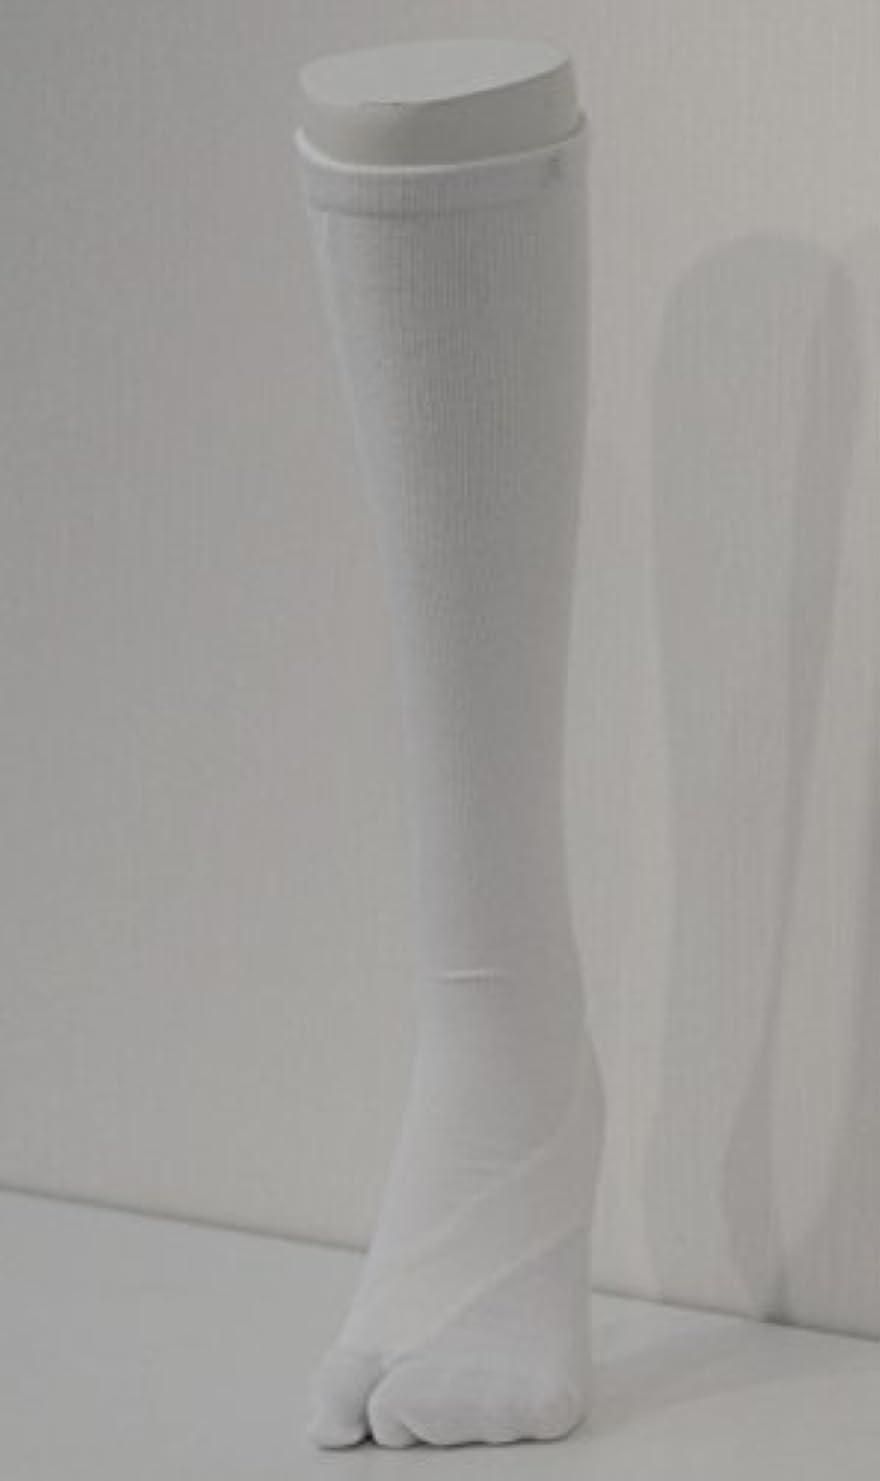 馬鹿レトルト薬さとう式 フレクサーソックス ハイソックス 白 (L) 足袋型